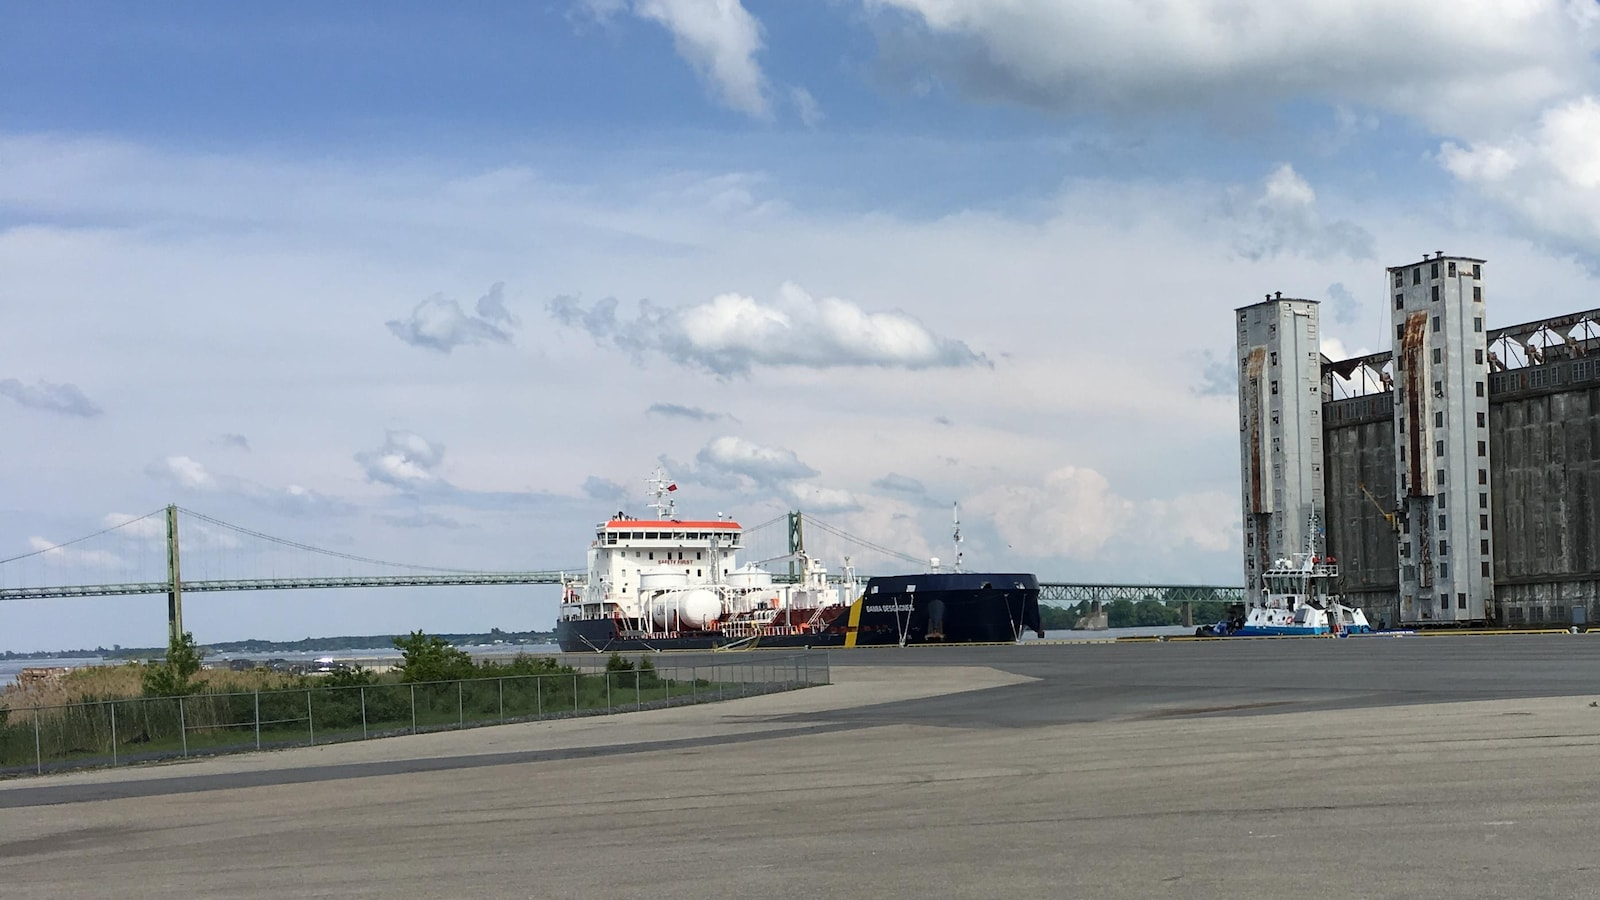 Un pétrolier sur le bord de la rive devant un pont